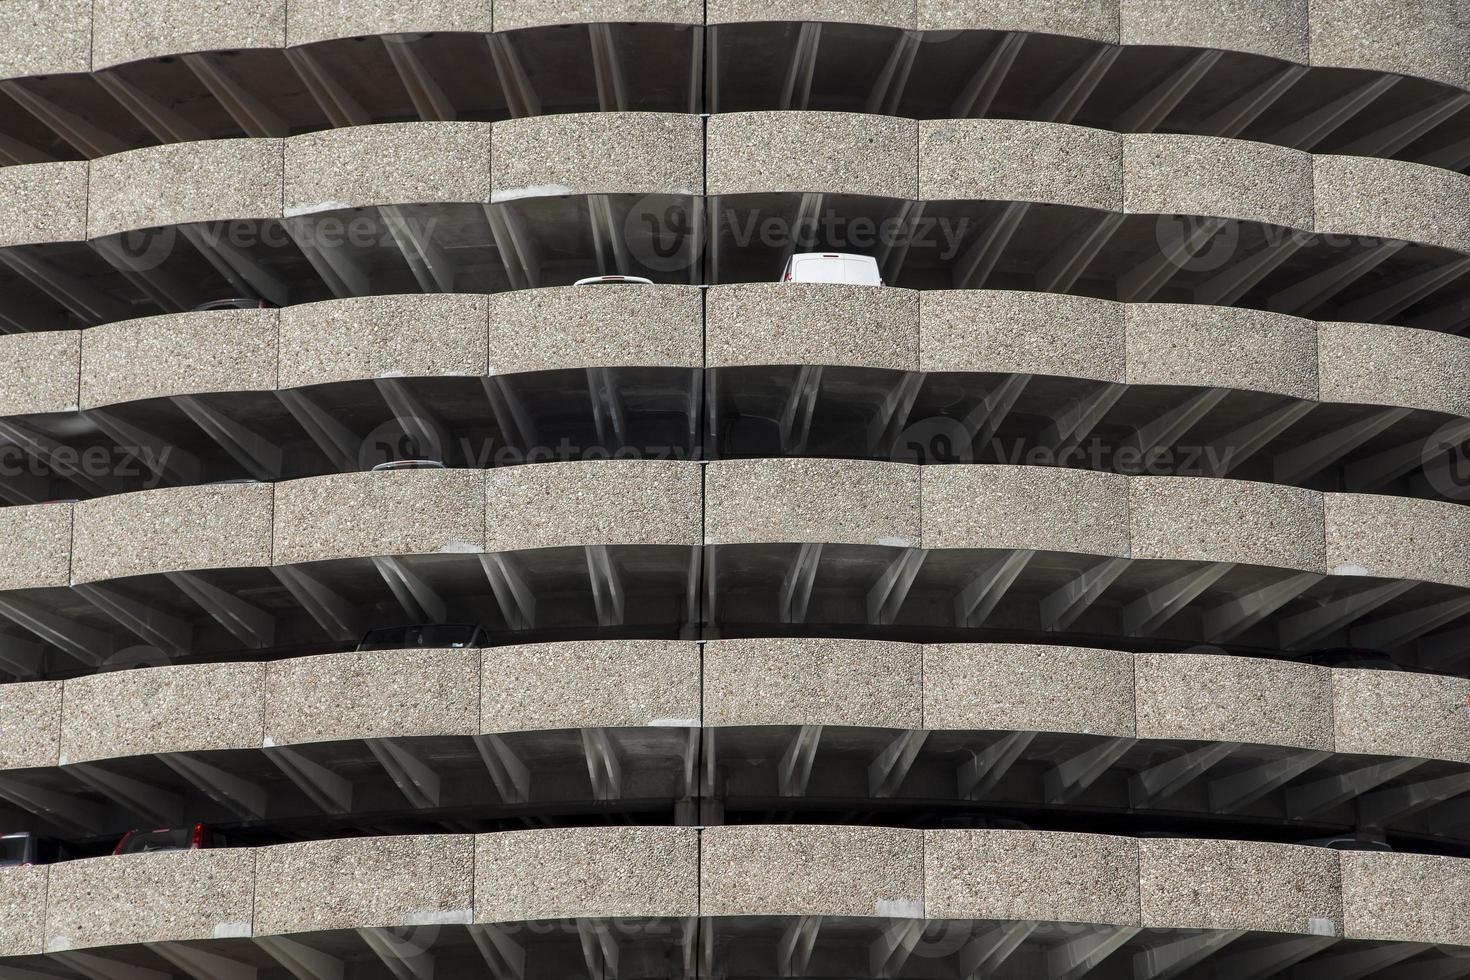 parkeergarage gebouw met meerdere verdiepingen buitenaanzicht foto